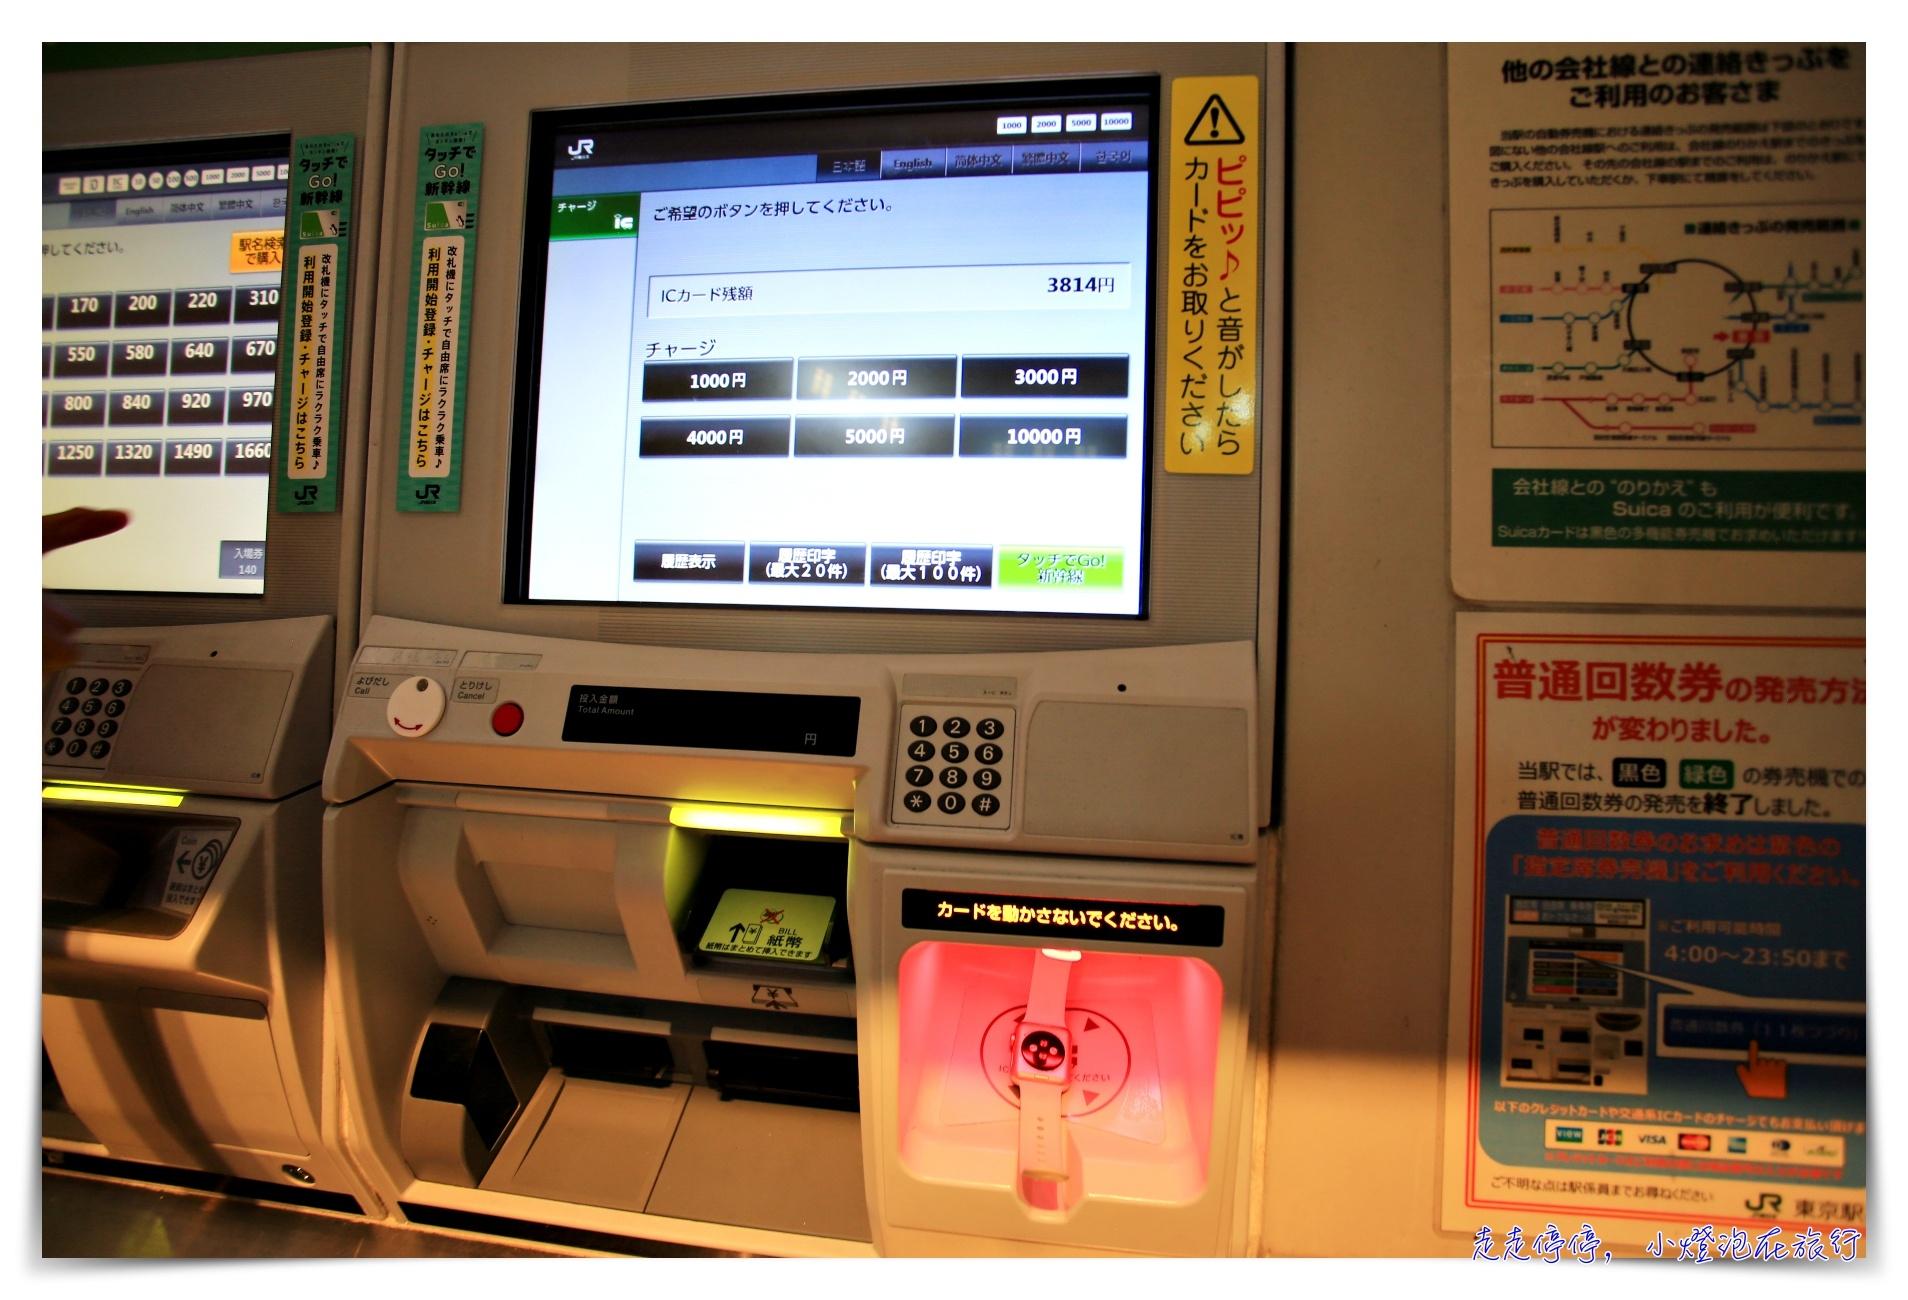 即時熱門文章:東京|手錶西瓜卡Apple watch日本機器加值紀錄~為了讓蘋果手錶suica發揮最大效用,可以一直去日本